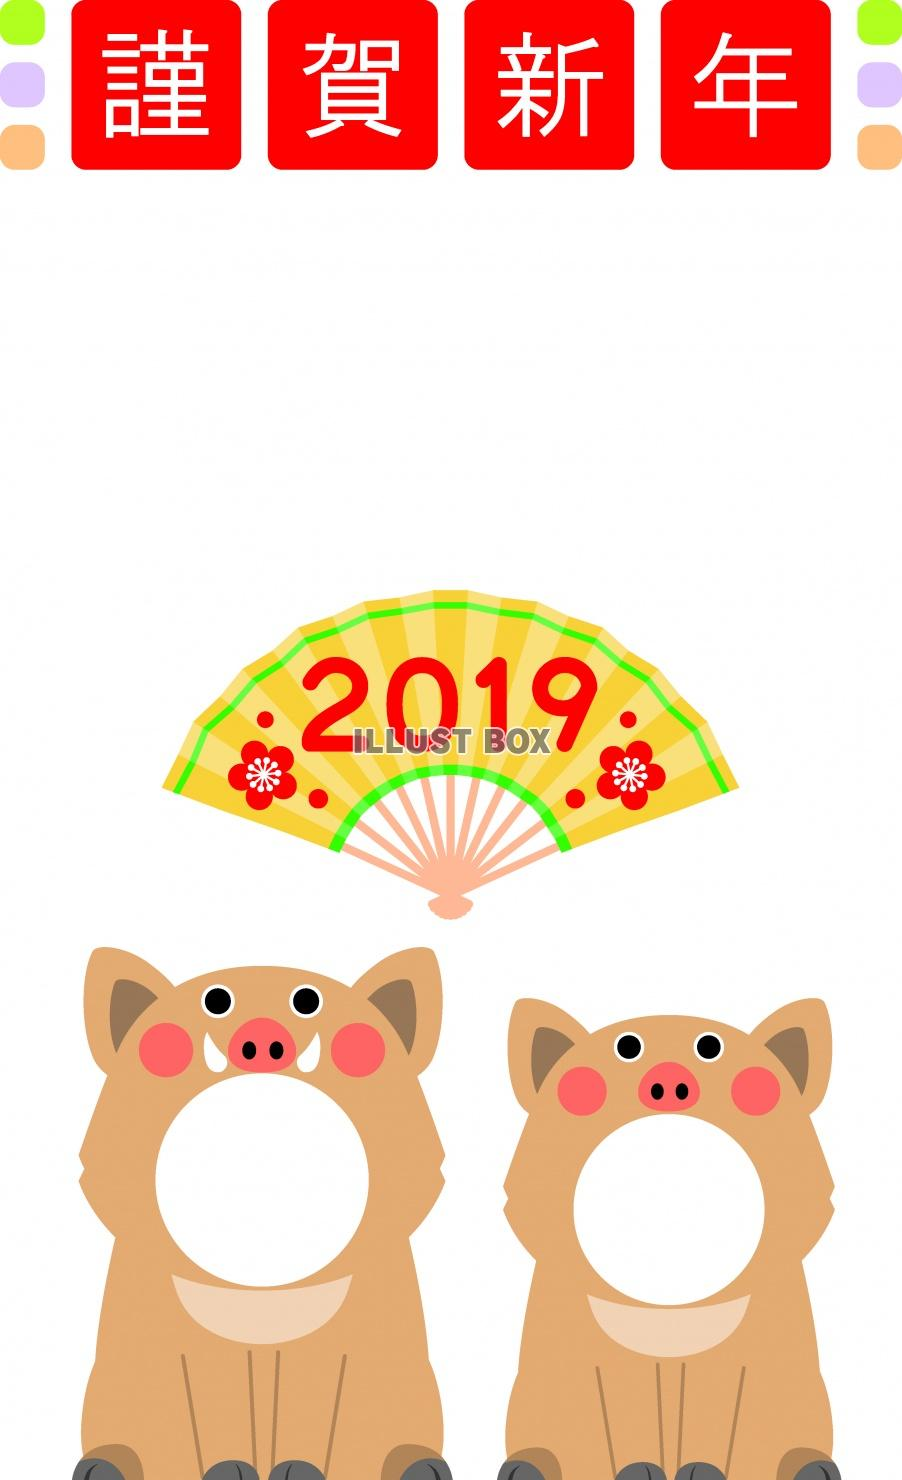 無料イラスト 2019年賀状用イラストイノシシの着ぐるみ